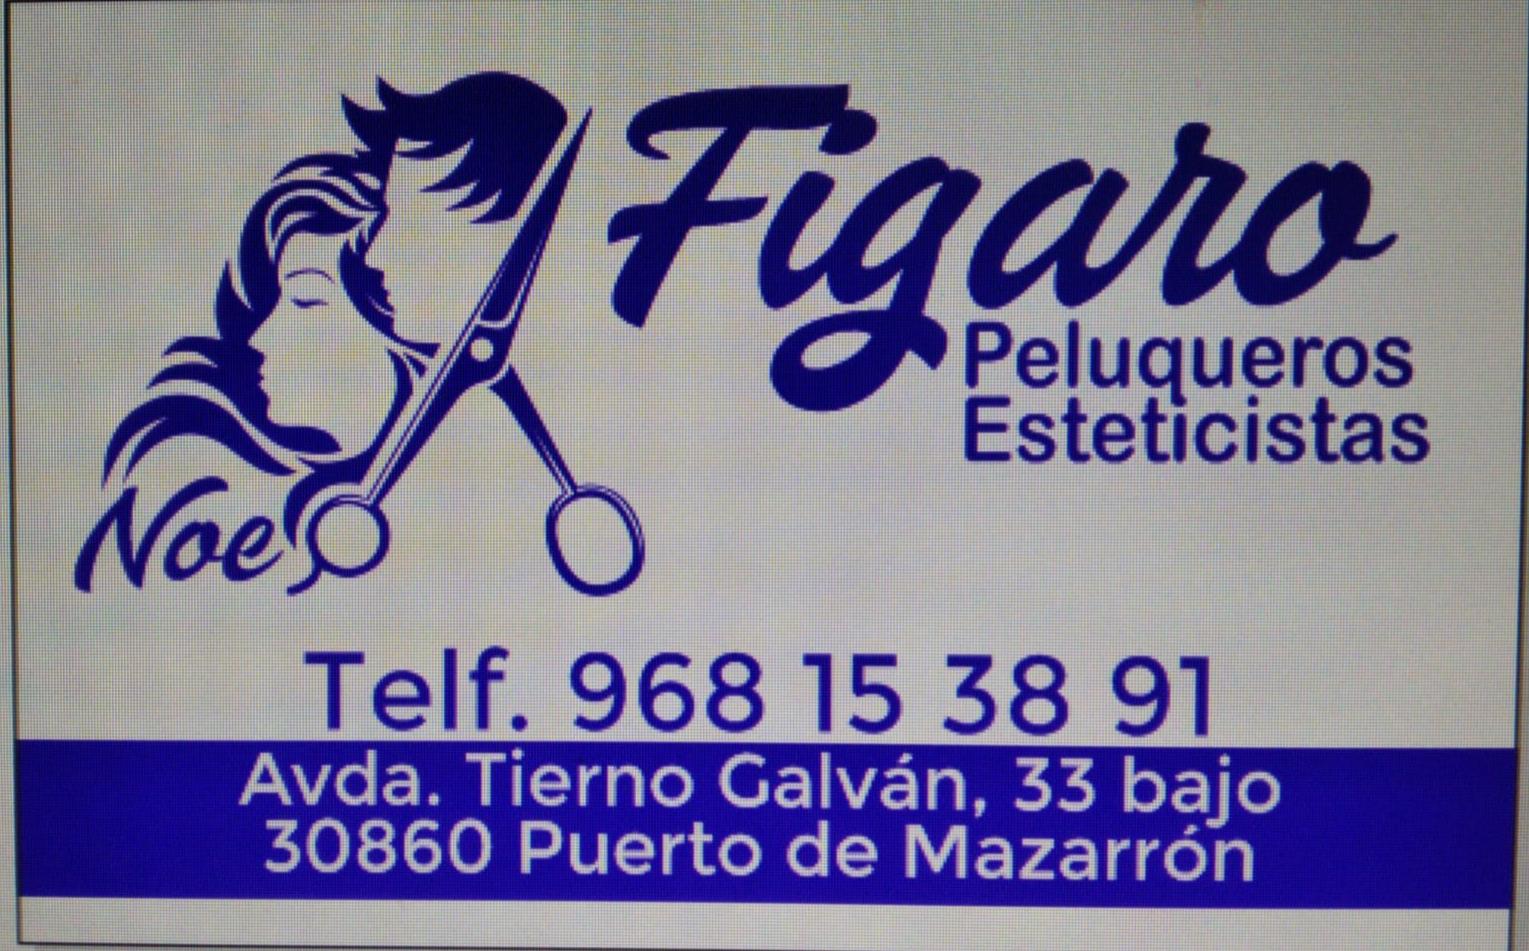 Figaro Peluqueros